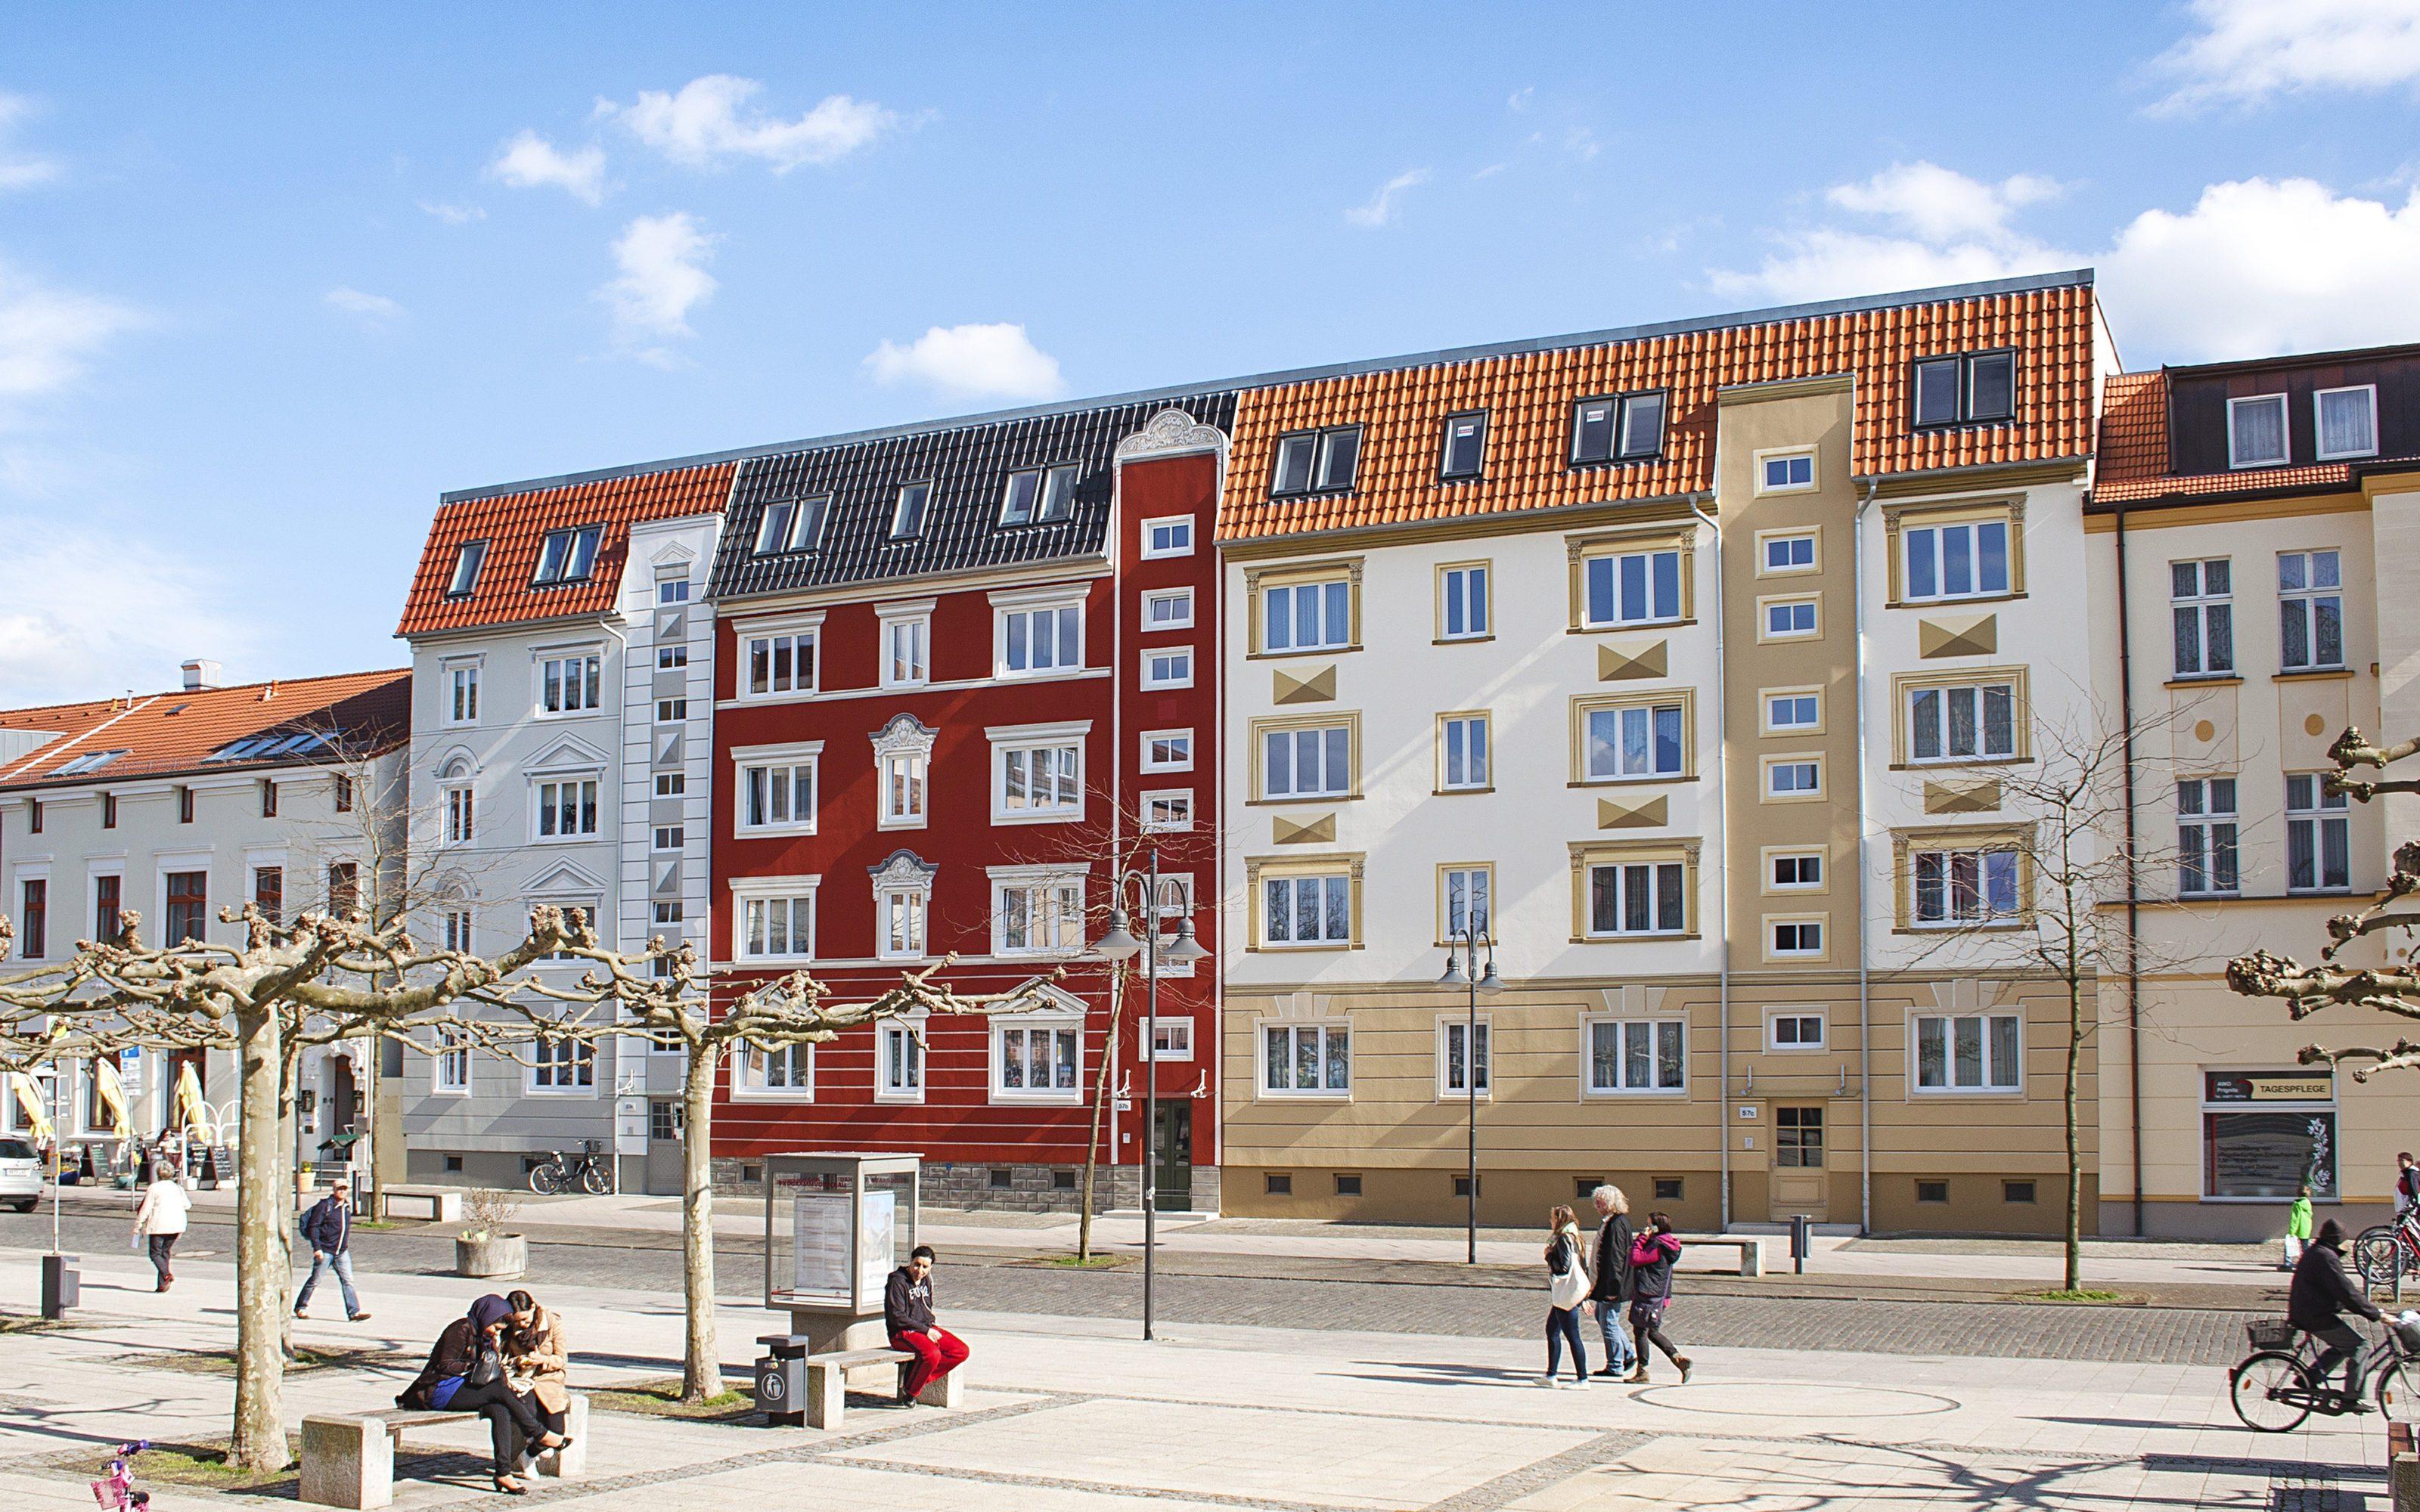 GRACO-Wittenberge-Scheinarchitektur-Marktplatz-2